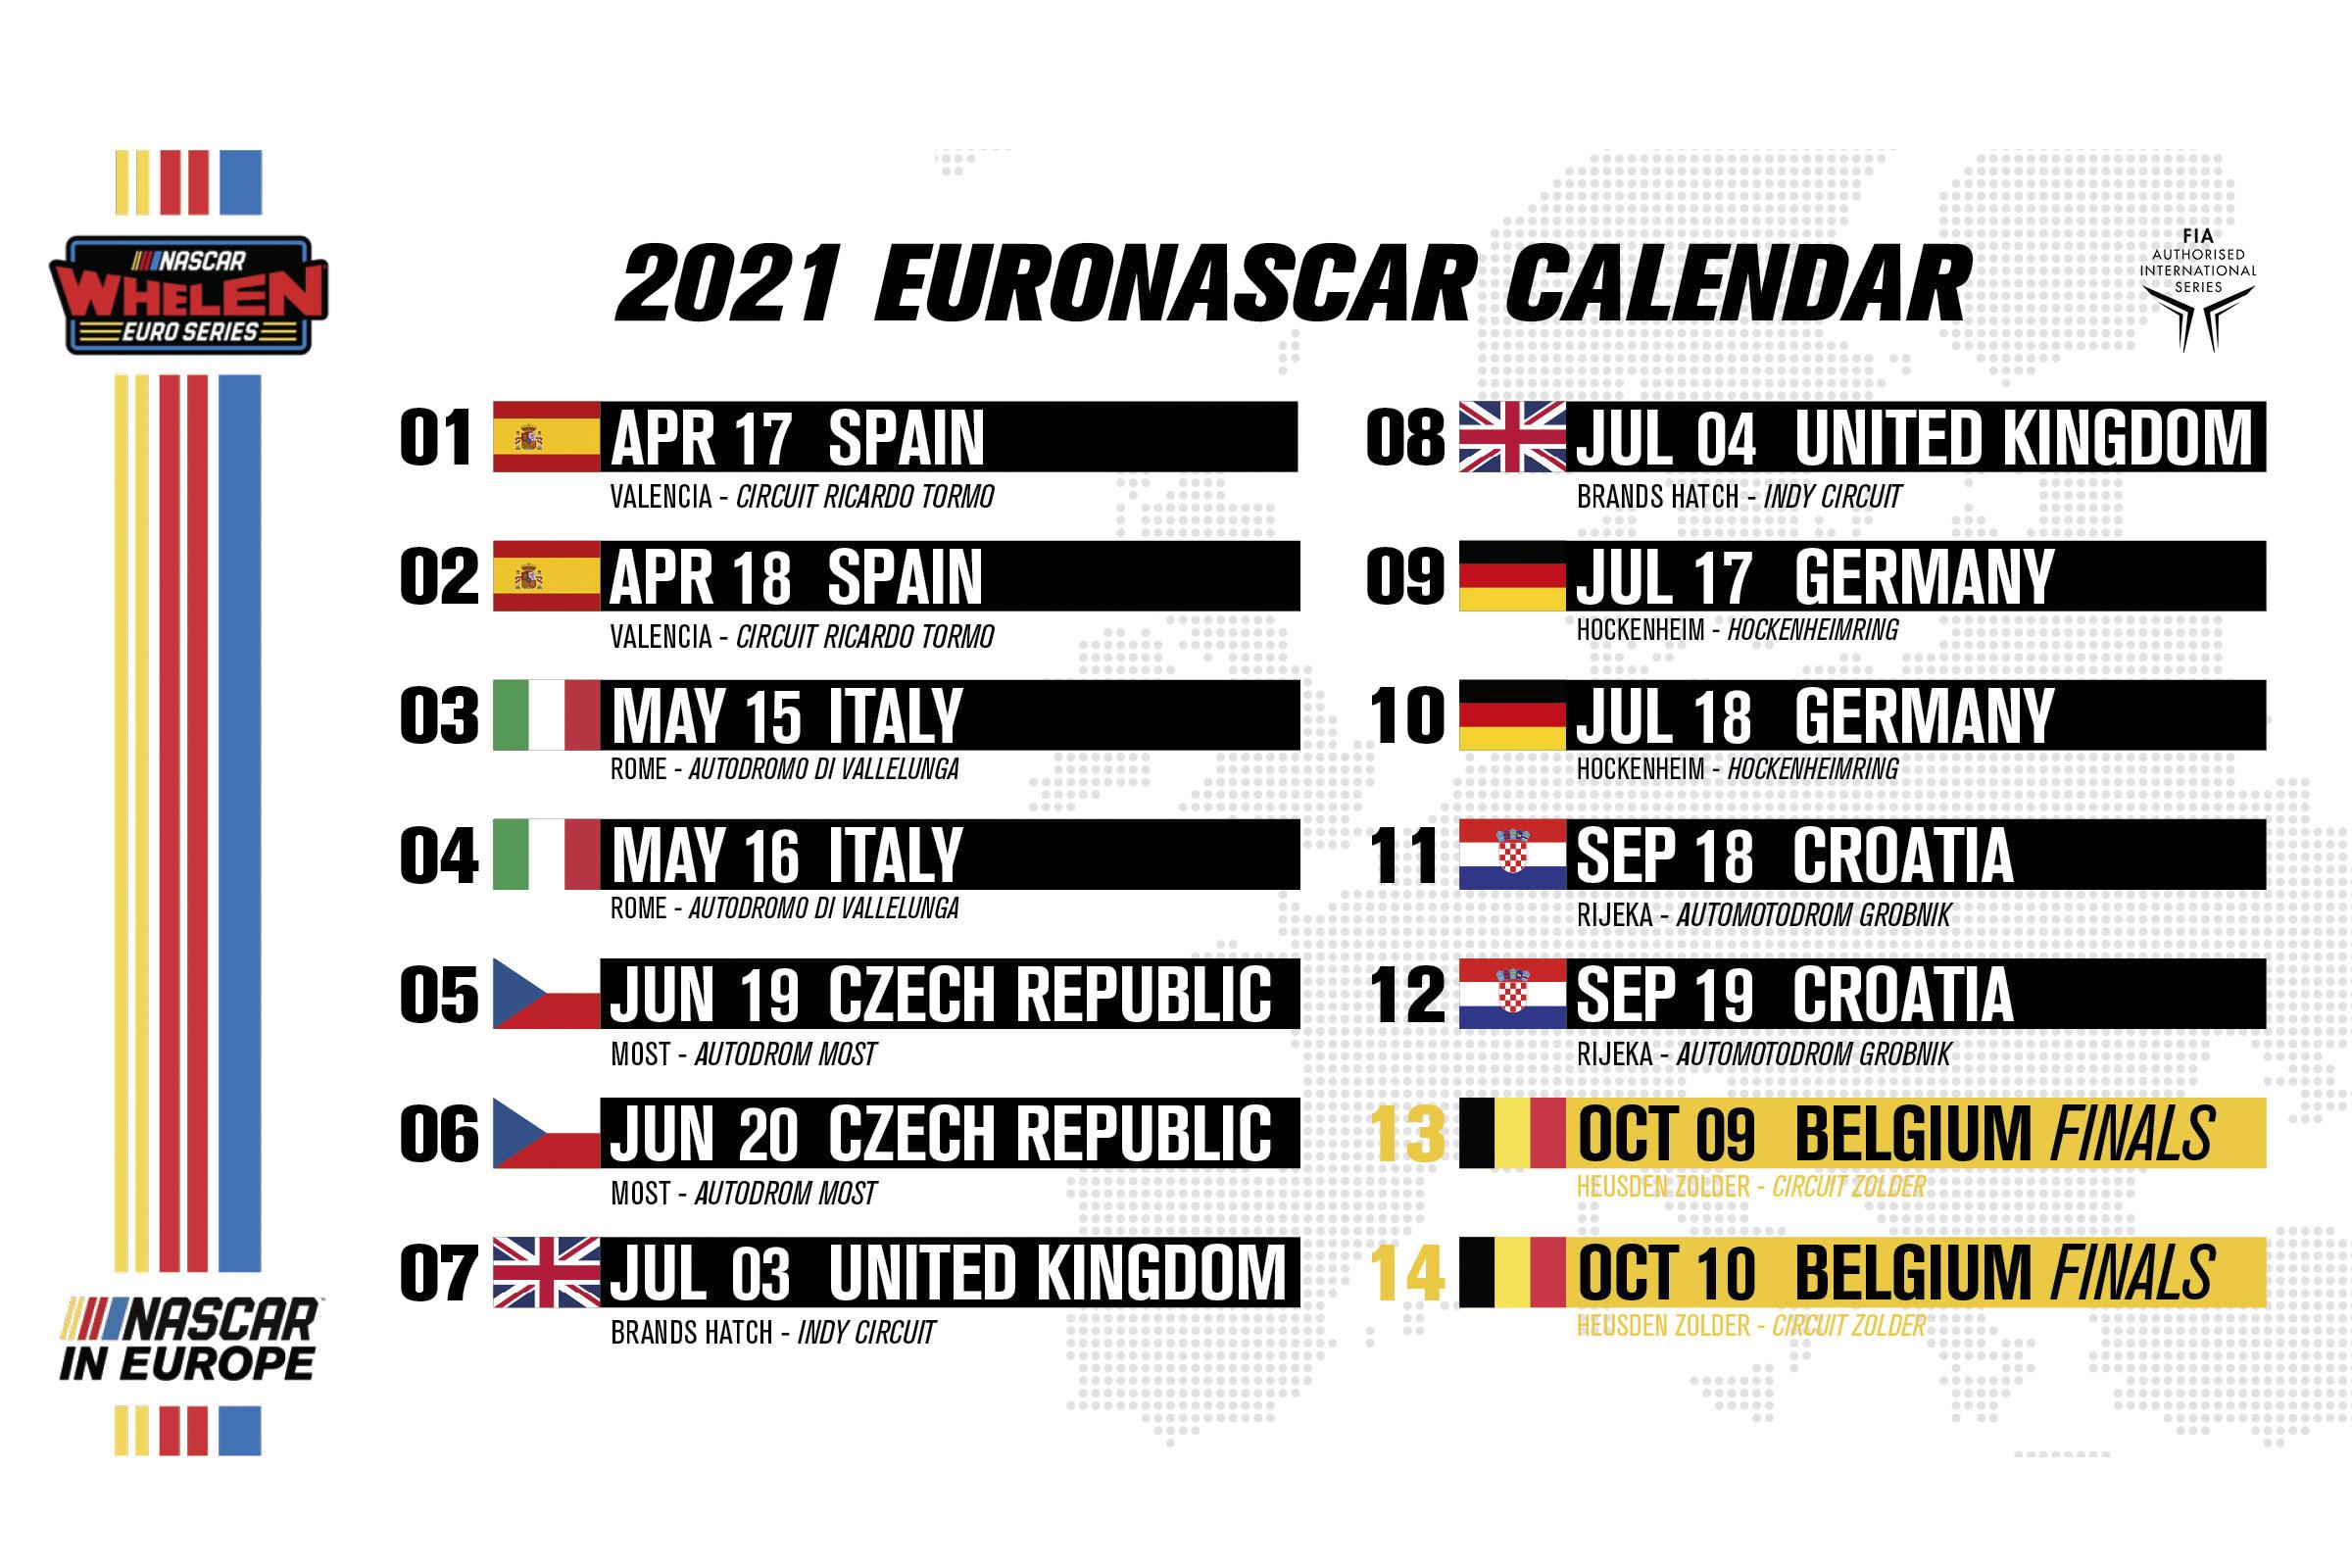 Euronascar 2021